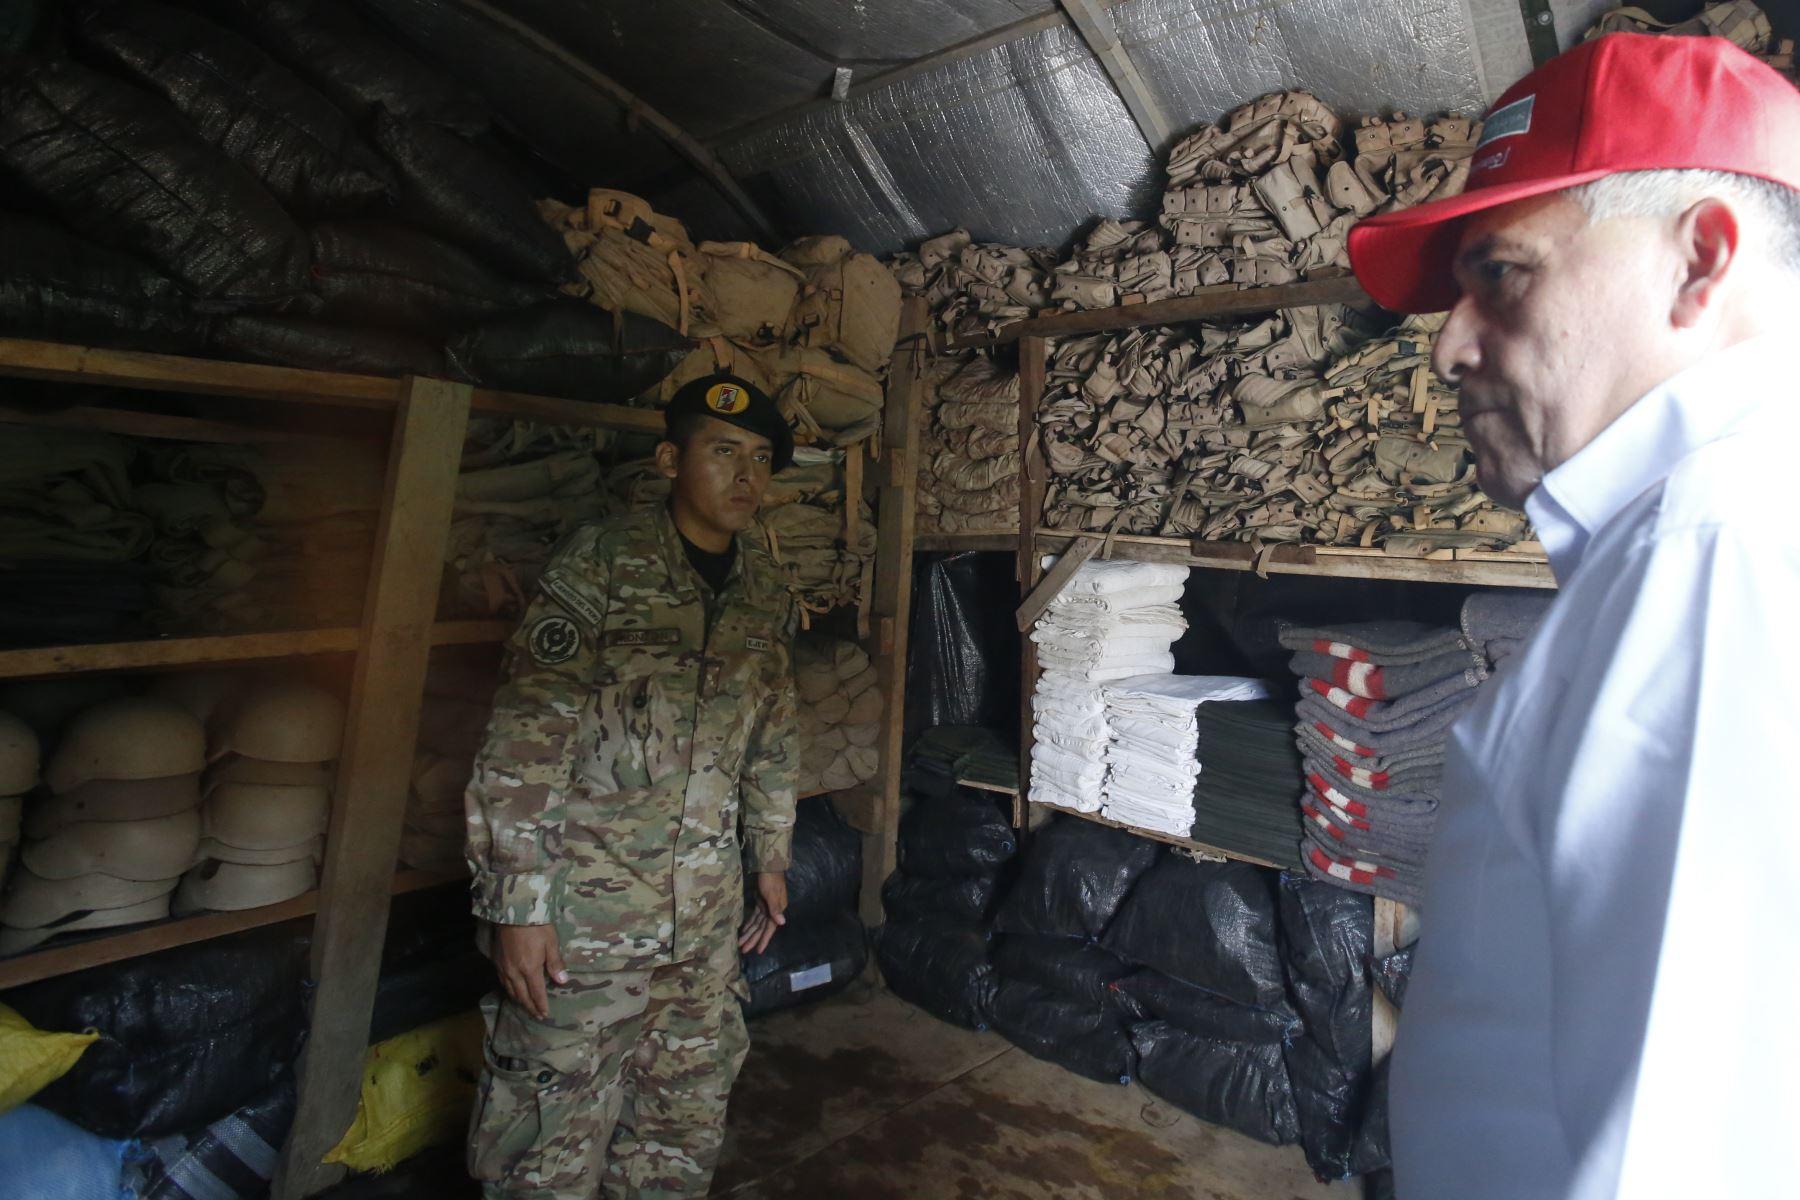 Ministro de Defensa, Jorge Moscoso, llega a la base aérea de Madre de Dios y supervisa Fuerte Pachacutec previo a La Pampa. Foto: ANDINA/Renato Pajuelo